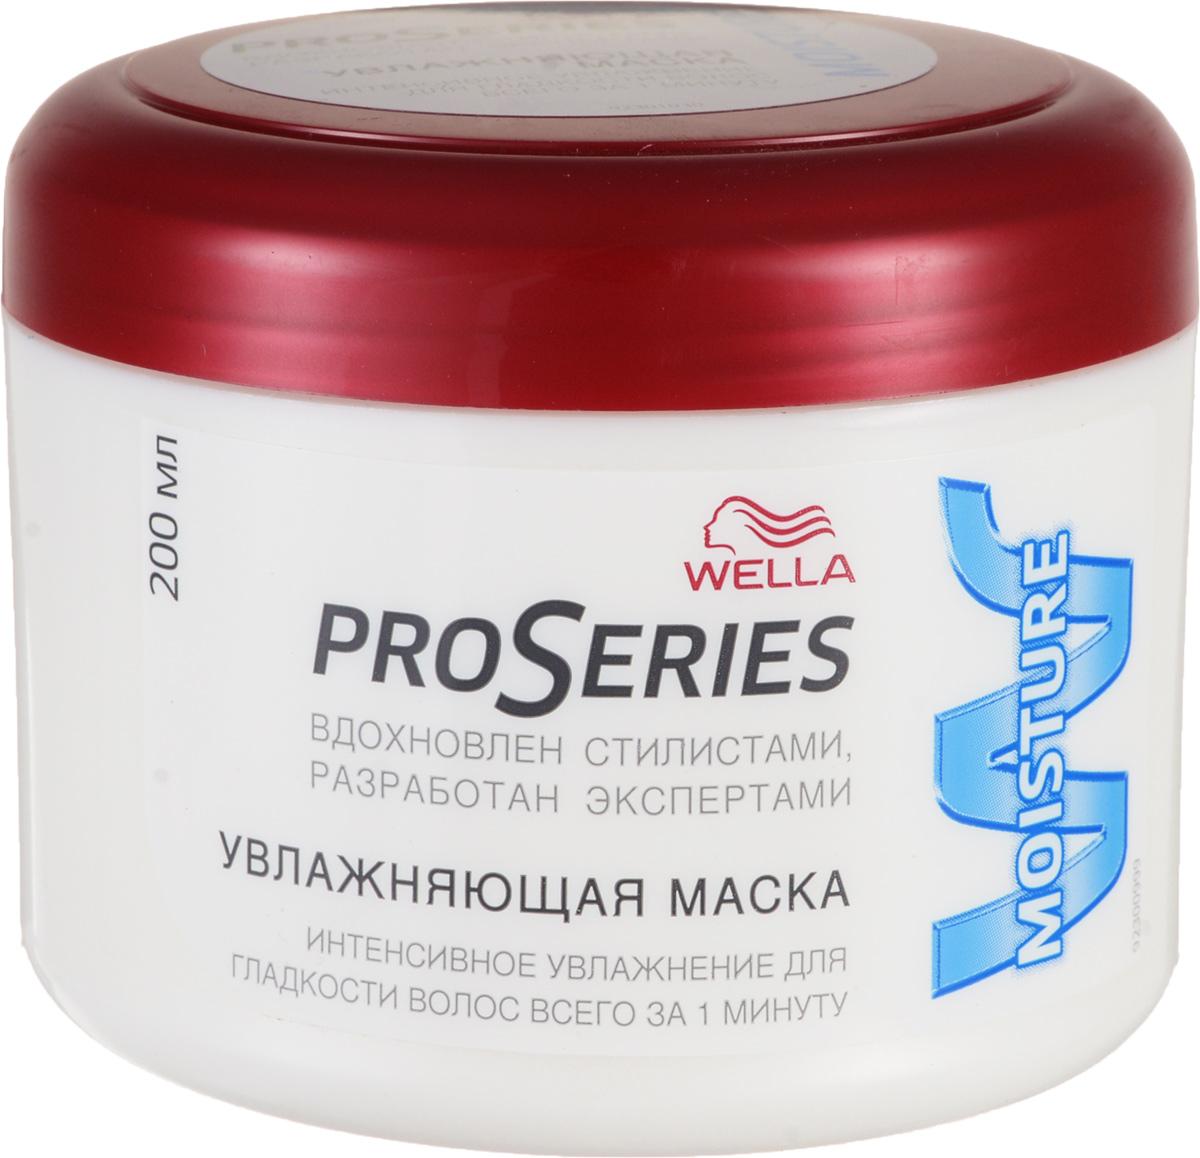 Маска Wella Pro Series Moisture, увлажняющая, 200 млWL-81330377Маска Wella Pro Series Moisture ухаживает за сухими, непослушными волосами. Маска удерживает в волосах влагу и придает им мягкость, гладкость и легкость в расчесывании. Ее интенсивная увлажняющая формула, разглаживает волосы всего за 1 минуту, делая их более шелковистыми и мягкими. Применение : используйте 1-3 раза в неделю. Нанесите на влажные чистые волосы от корней до кончиков и оставьте на 1 минуту, затем тщательно смойте.